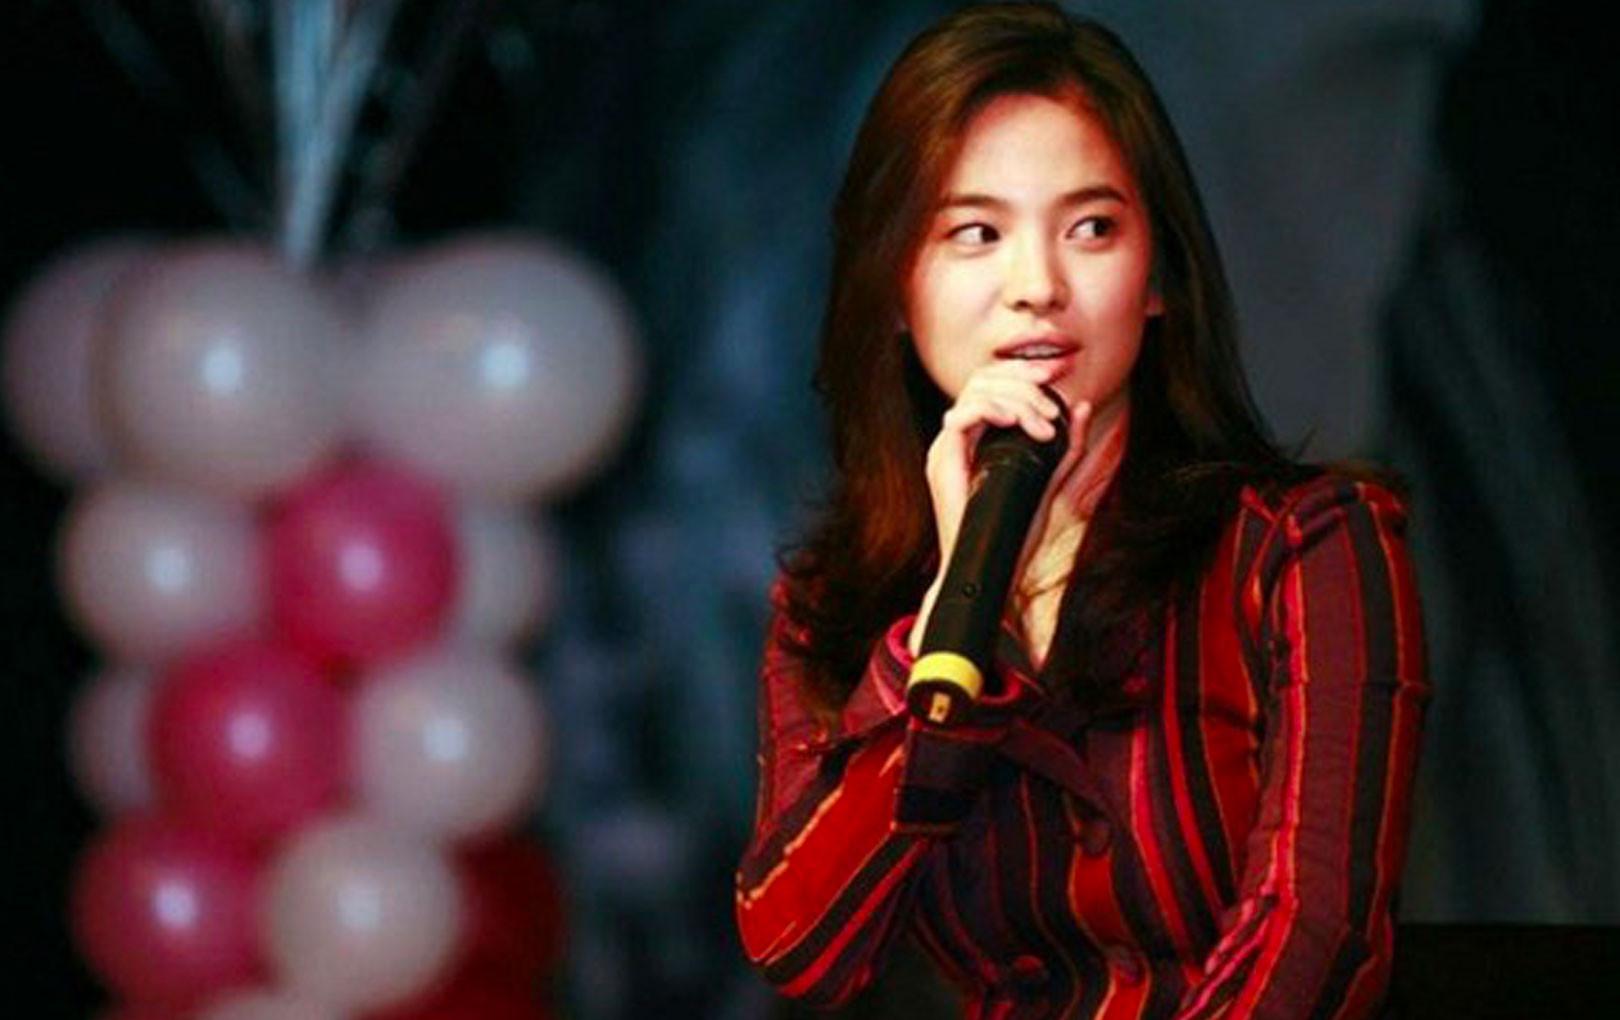 """CĐM """"khui"""" lại nhan sắc thời xưa của Song Hye Kyo qua loạt ảnh cách đây hơn 1 thập kỷ"""